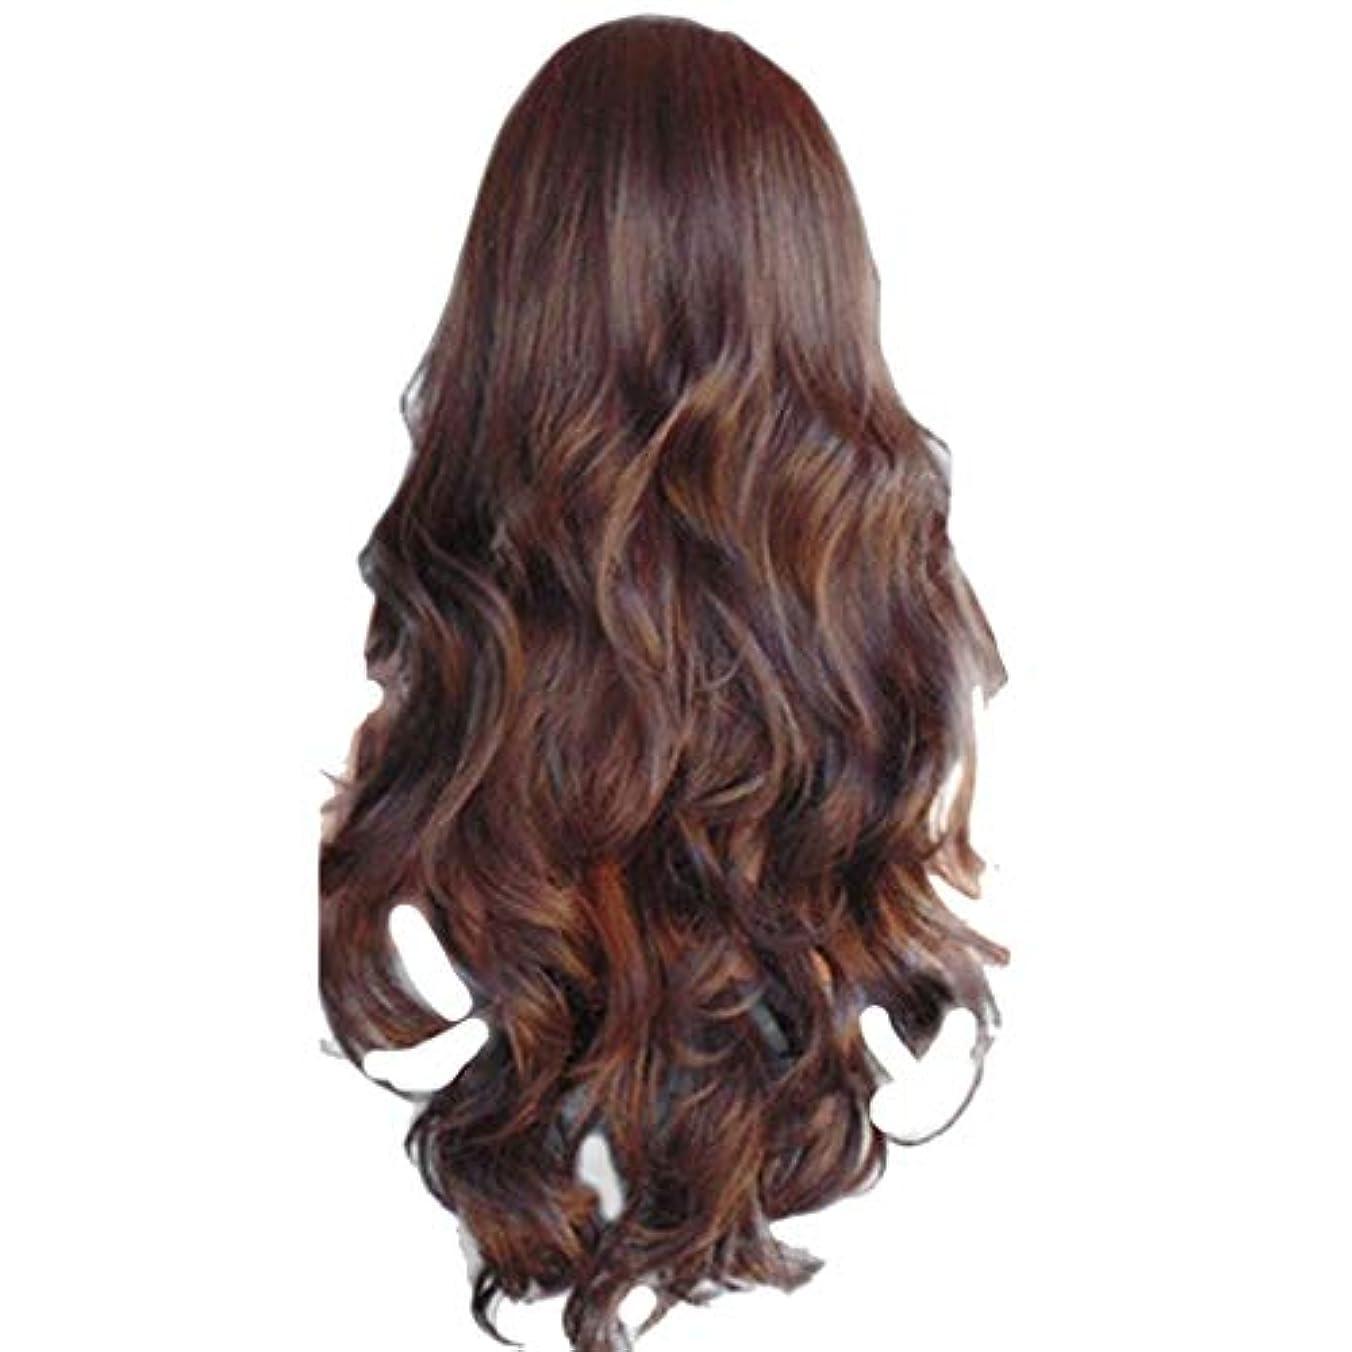 適性メーター今まで女性の長いウェーブのかかった巻き毛のファッションセクシーなかつらはヘアネットをバラ